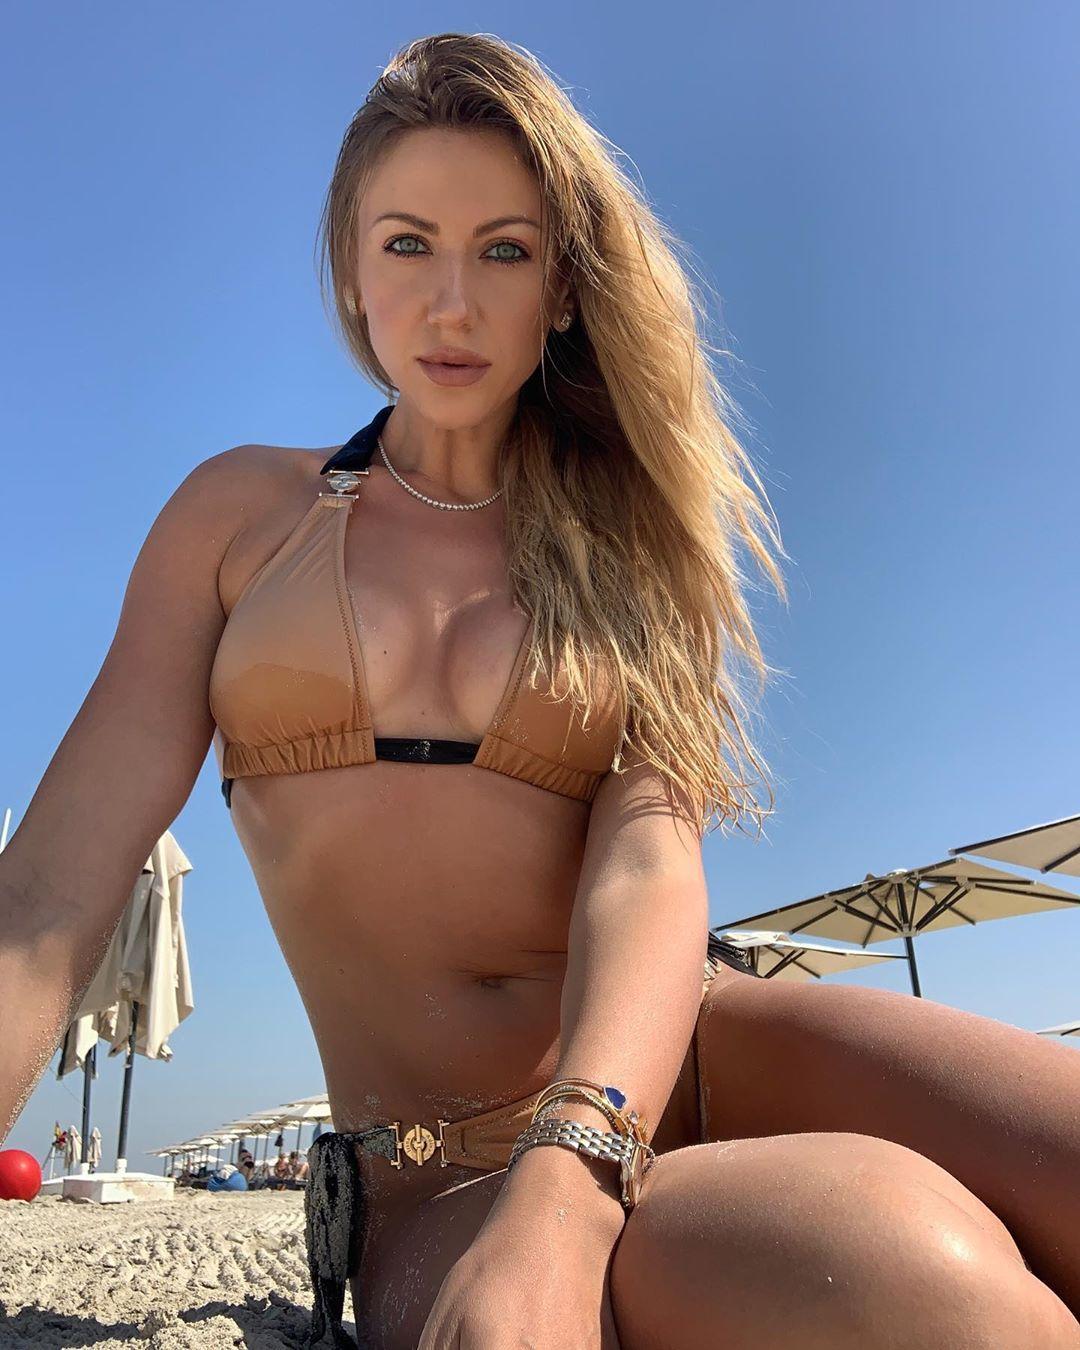 Леся Никитюк рассказала, что сфотографировала себя сама / фото instagram.com/lesia_nikituk